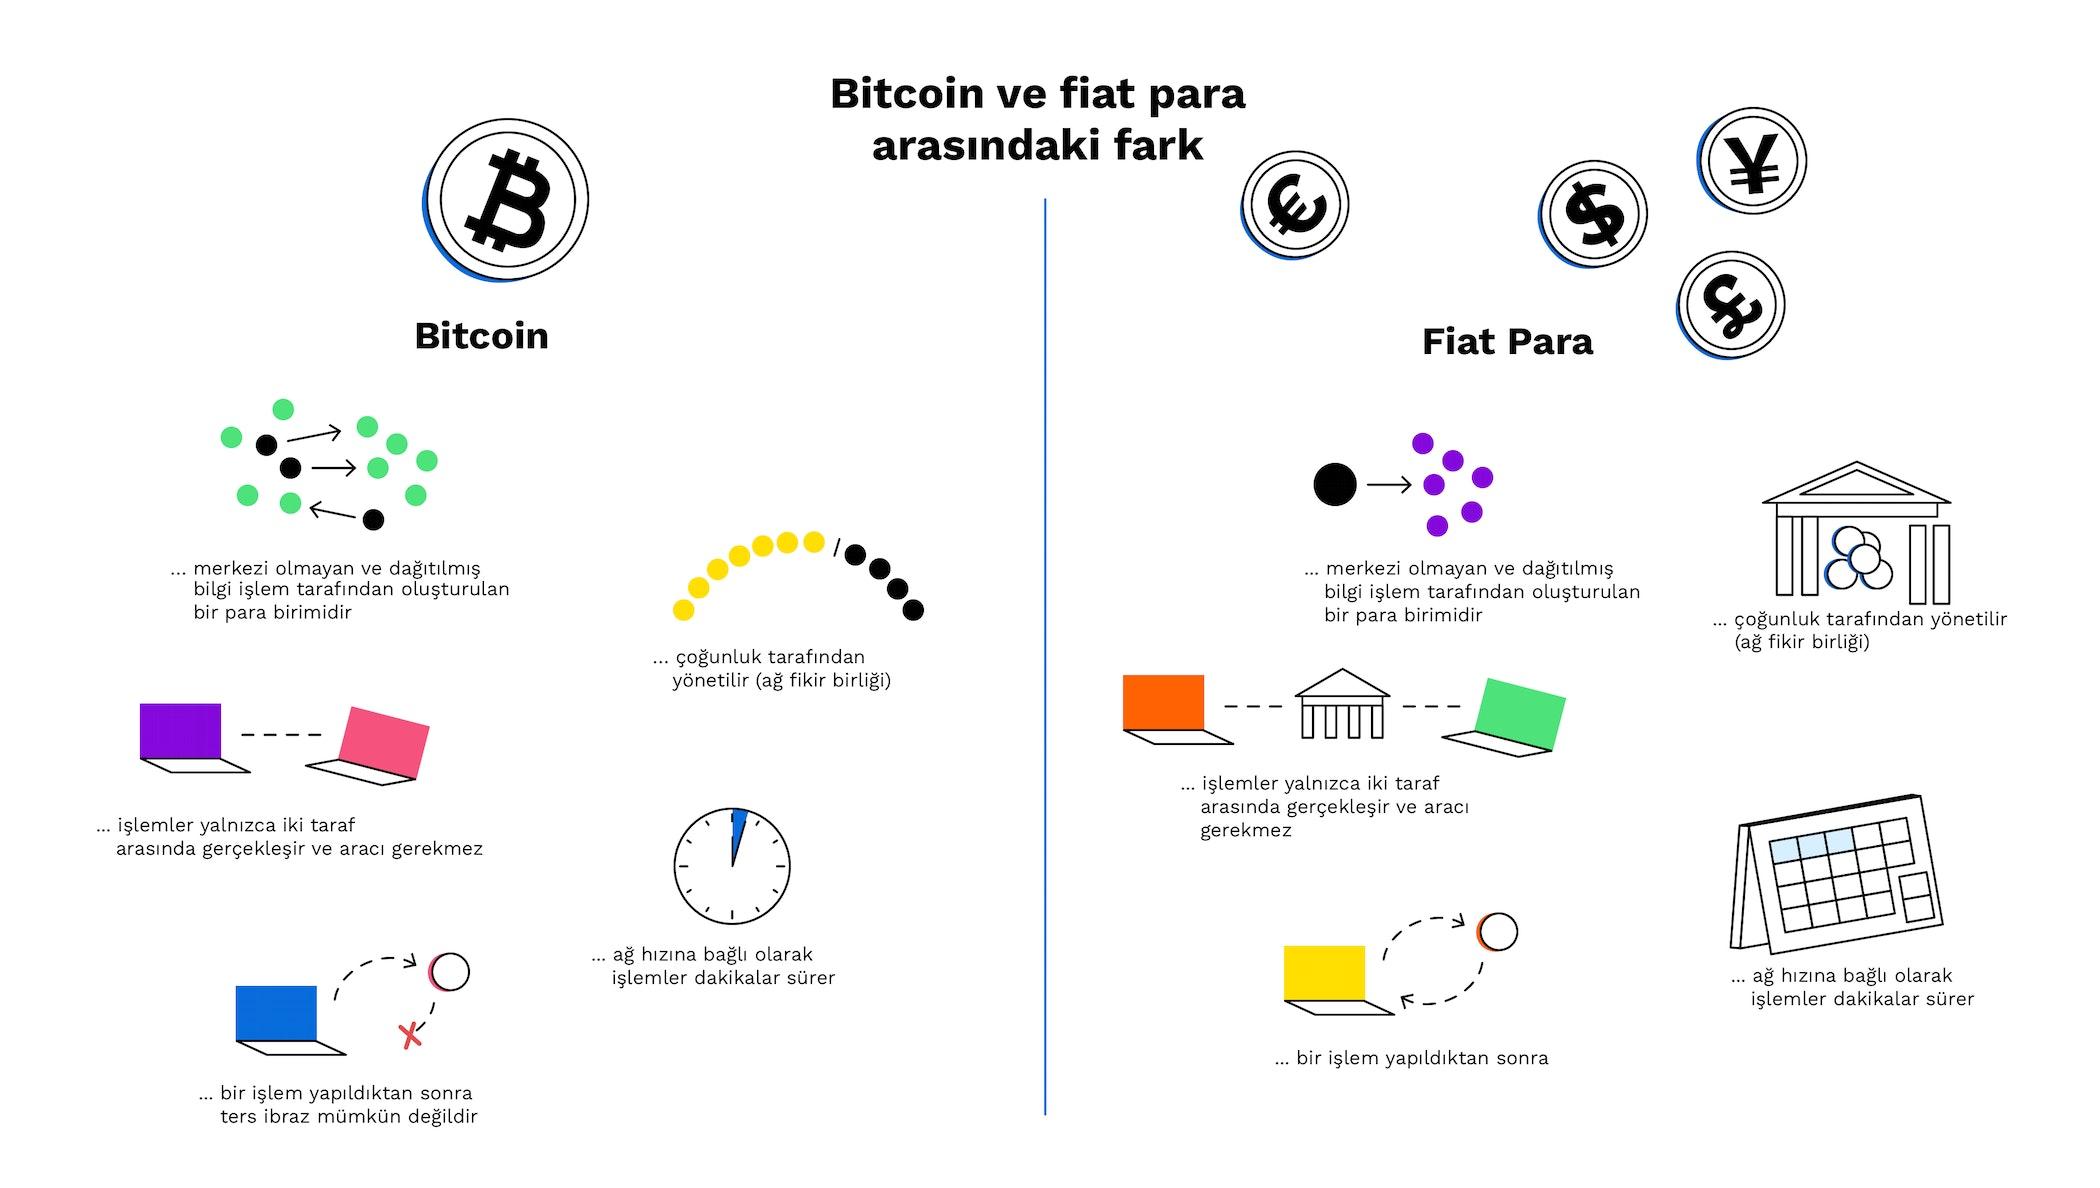 ce inseamna bitcoin